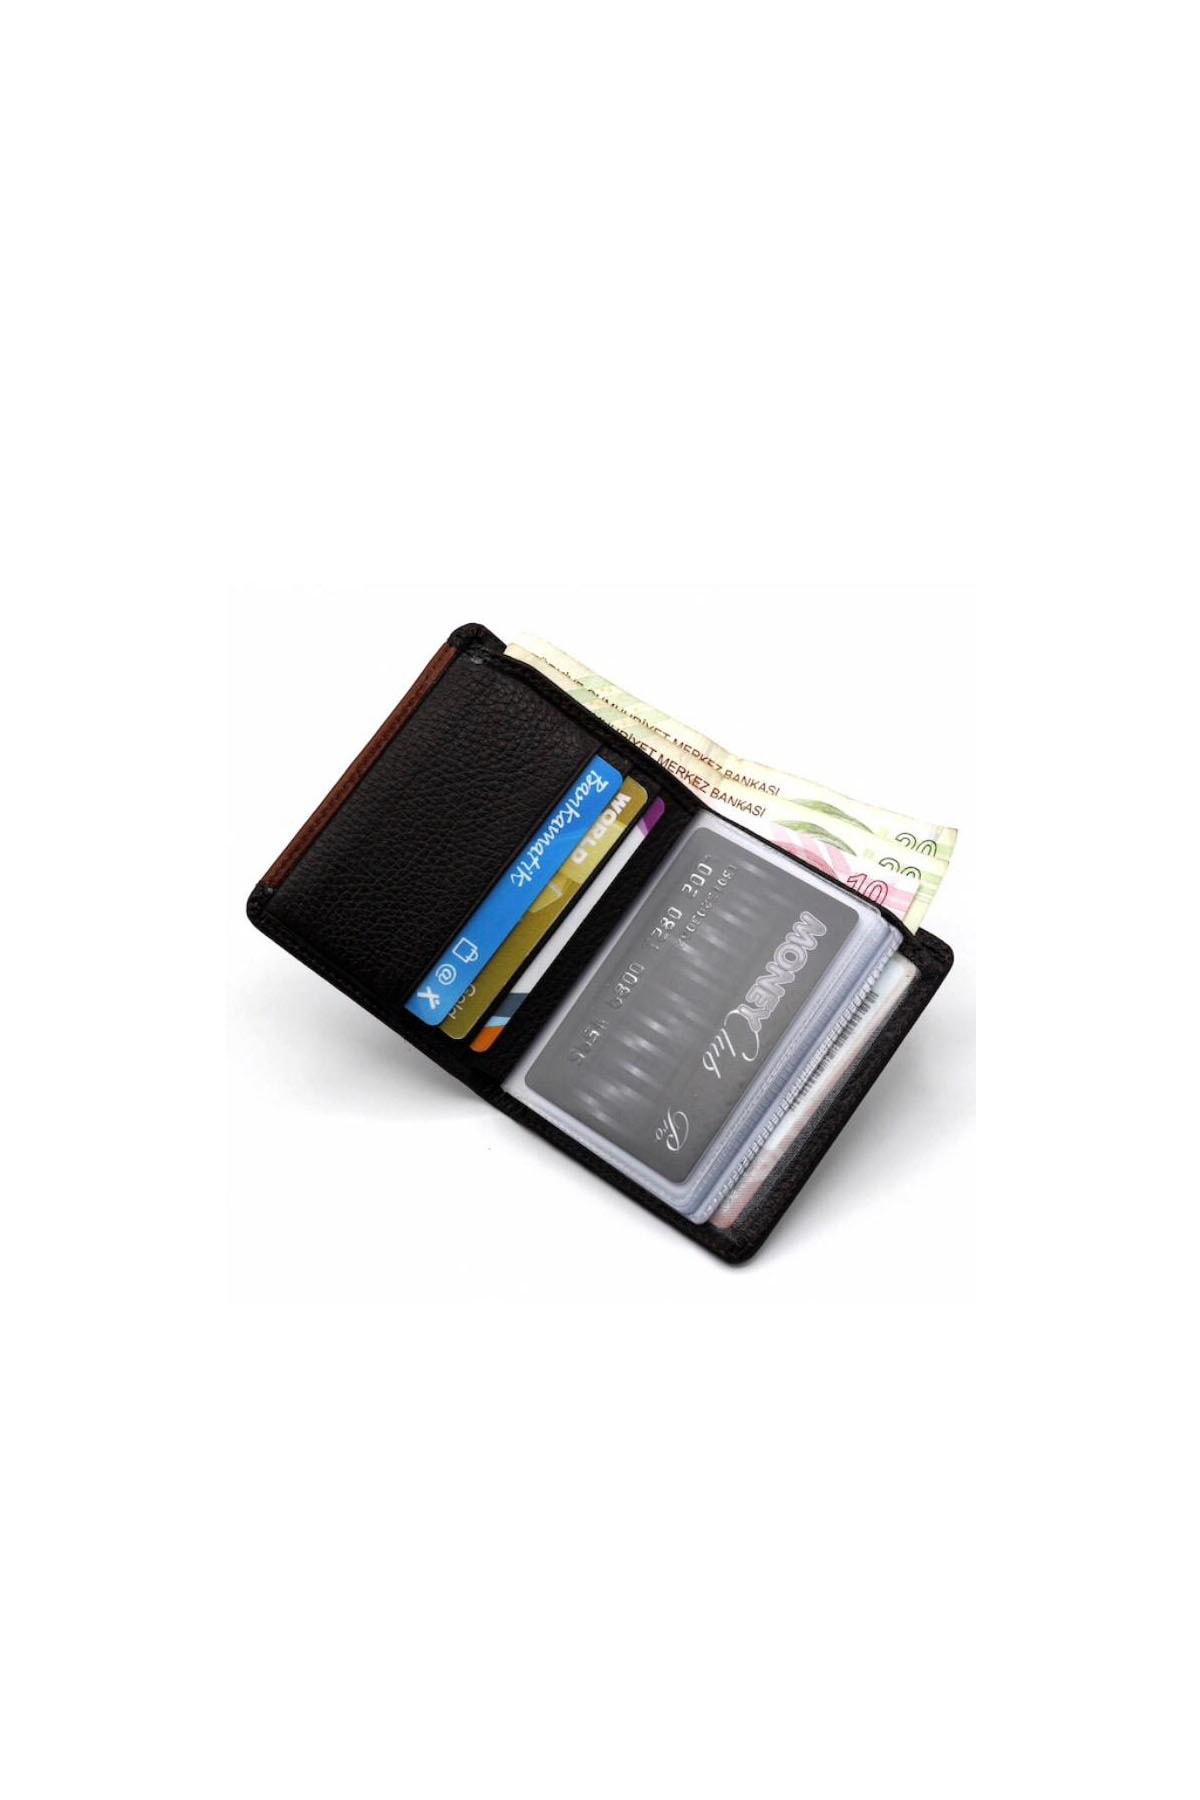 WEST POLO CÜZDAN Siyah Erkek Kağıt Para Bölmeli Şeffaf Kartlık Kartlık WP3002 1